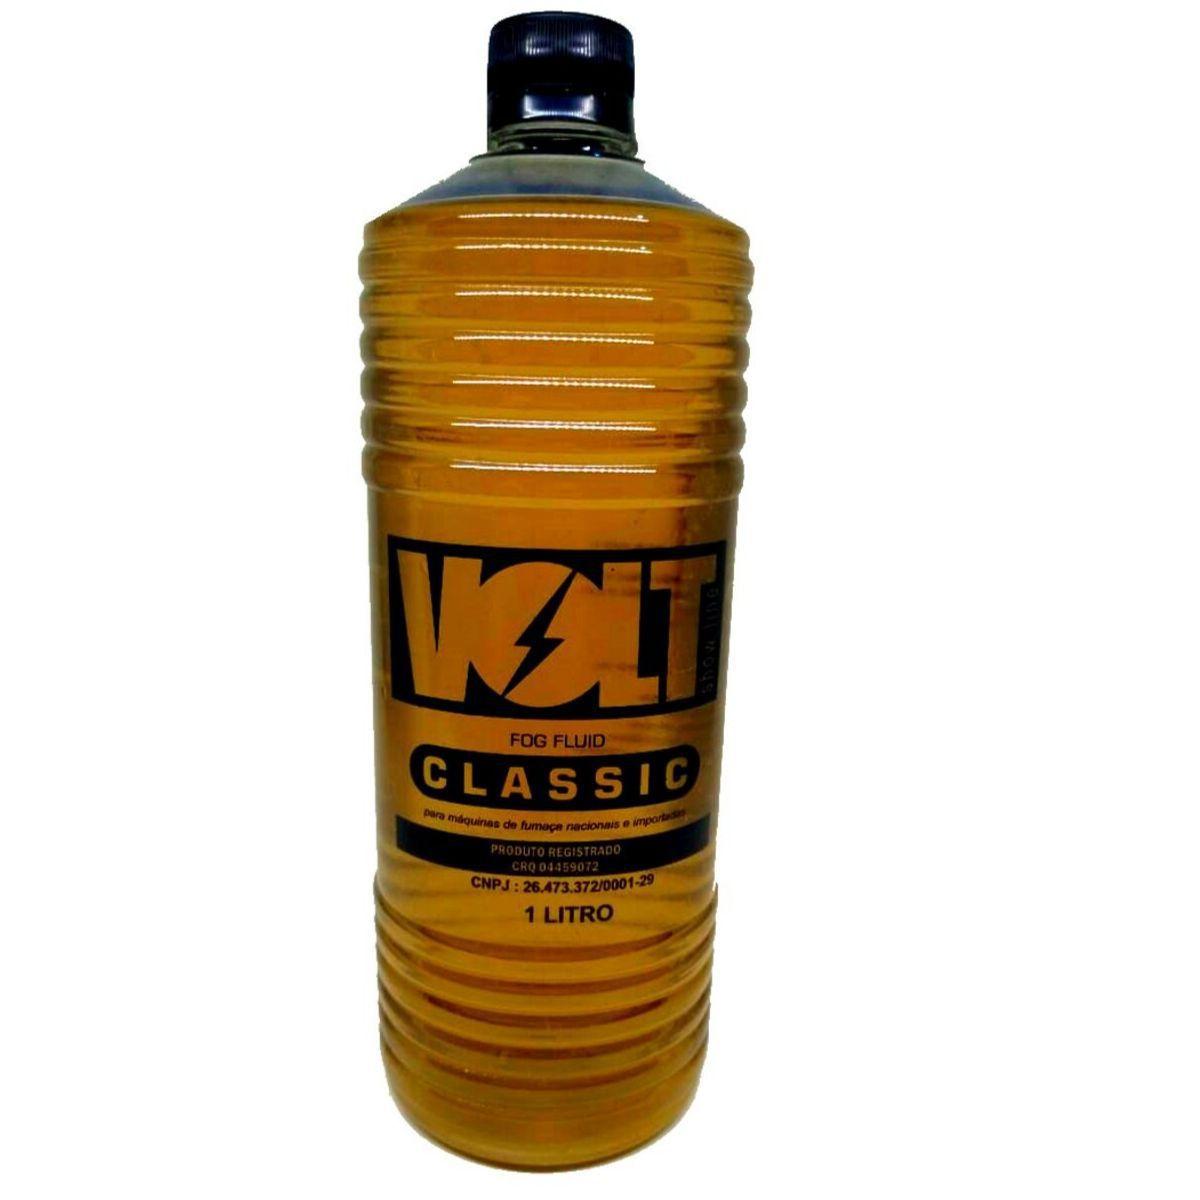 Carga Para Maquina de Fumaça 1 Litro Classic Volt  - MY1012 - KIT FULLFILMENT